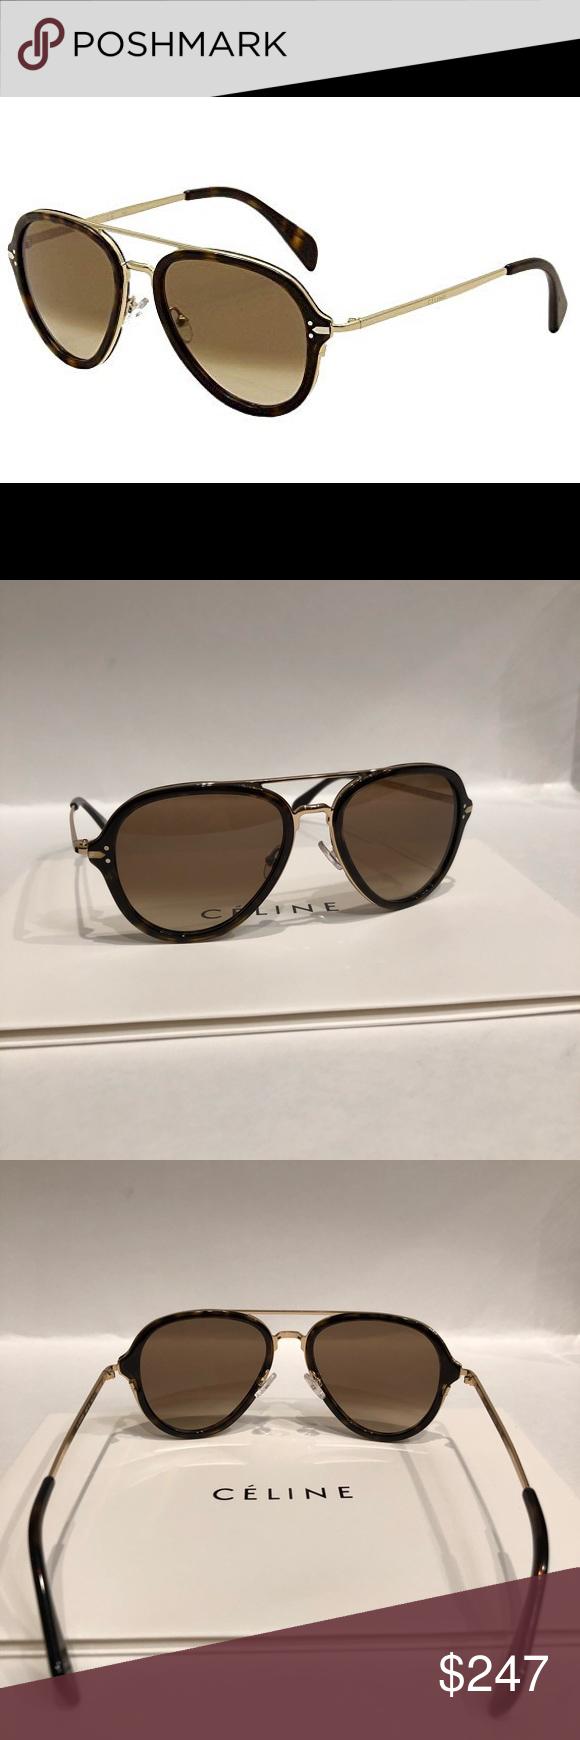 503766486d19 Celine sunglasses Celine 41374 S 0ANT Dark Havana Gold   9J gray lens  sunglasses New